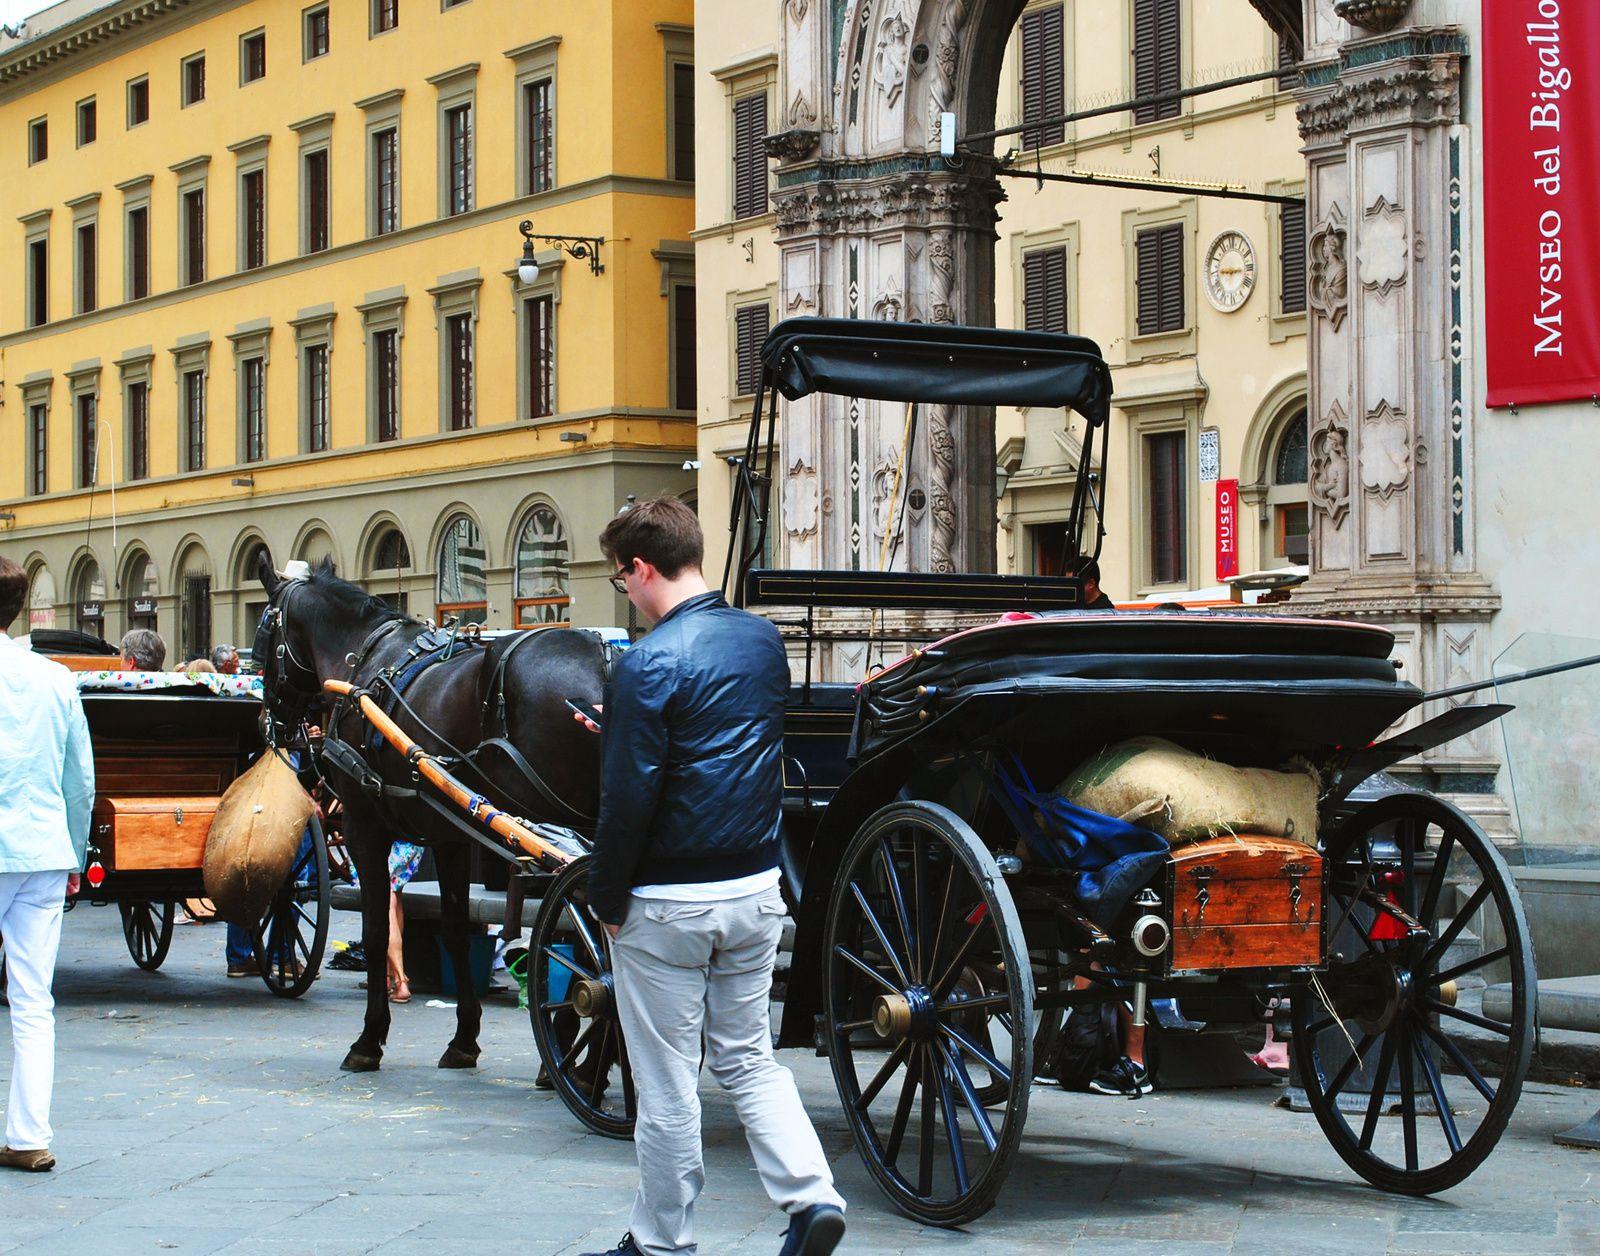 Bienvenue à Florence, Italie